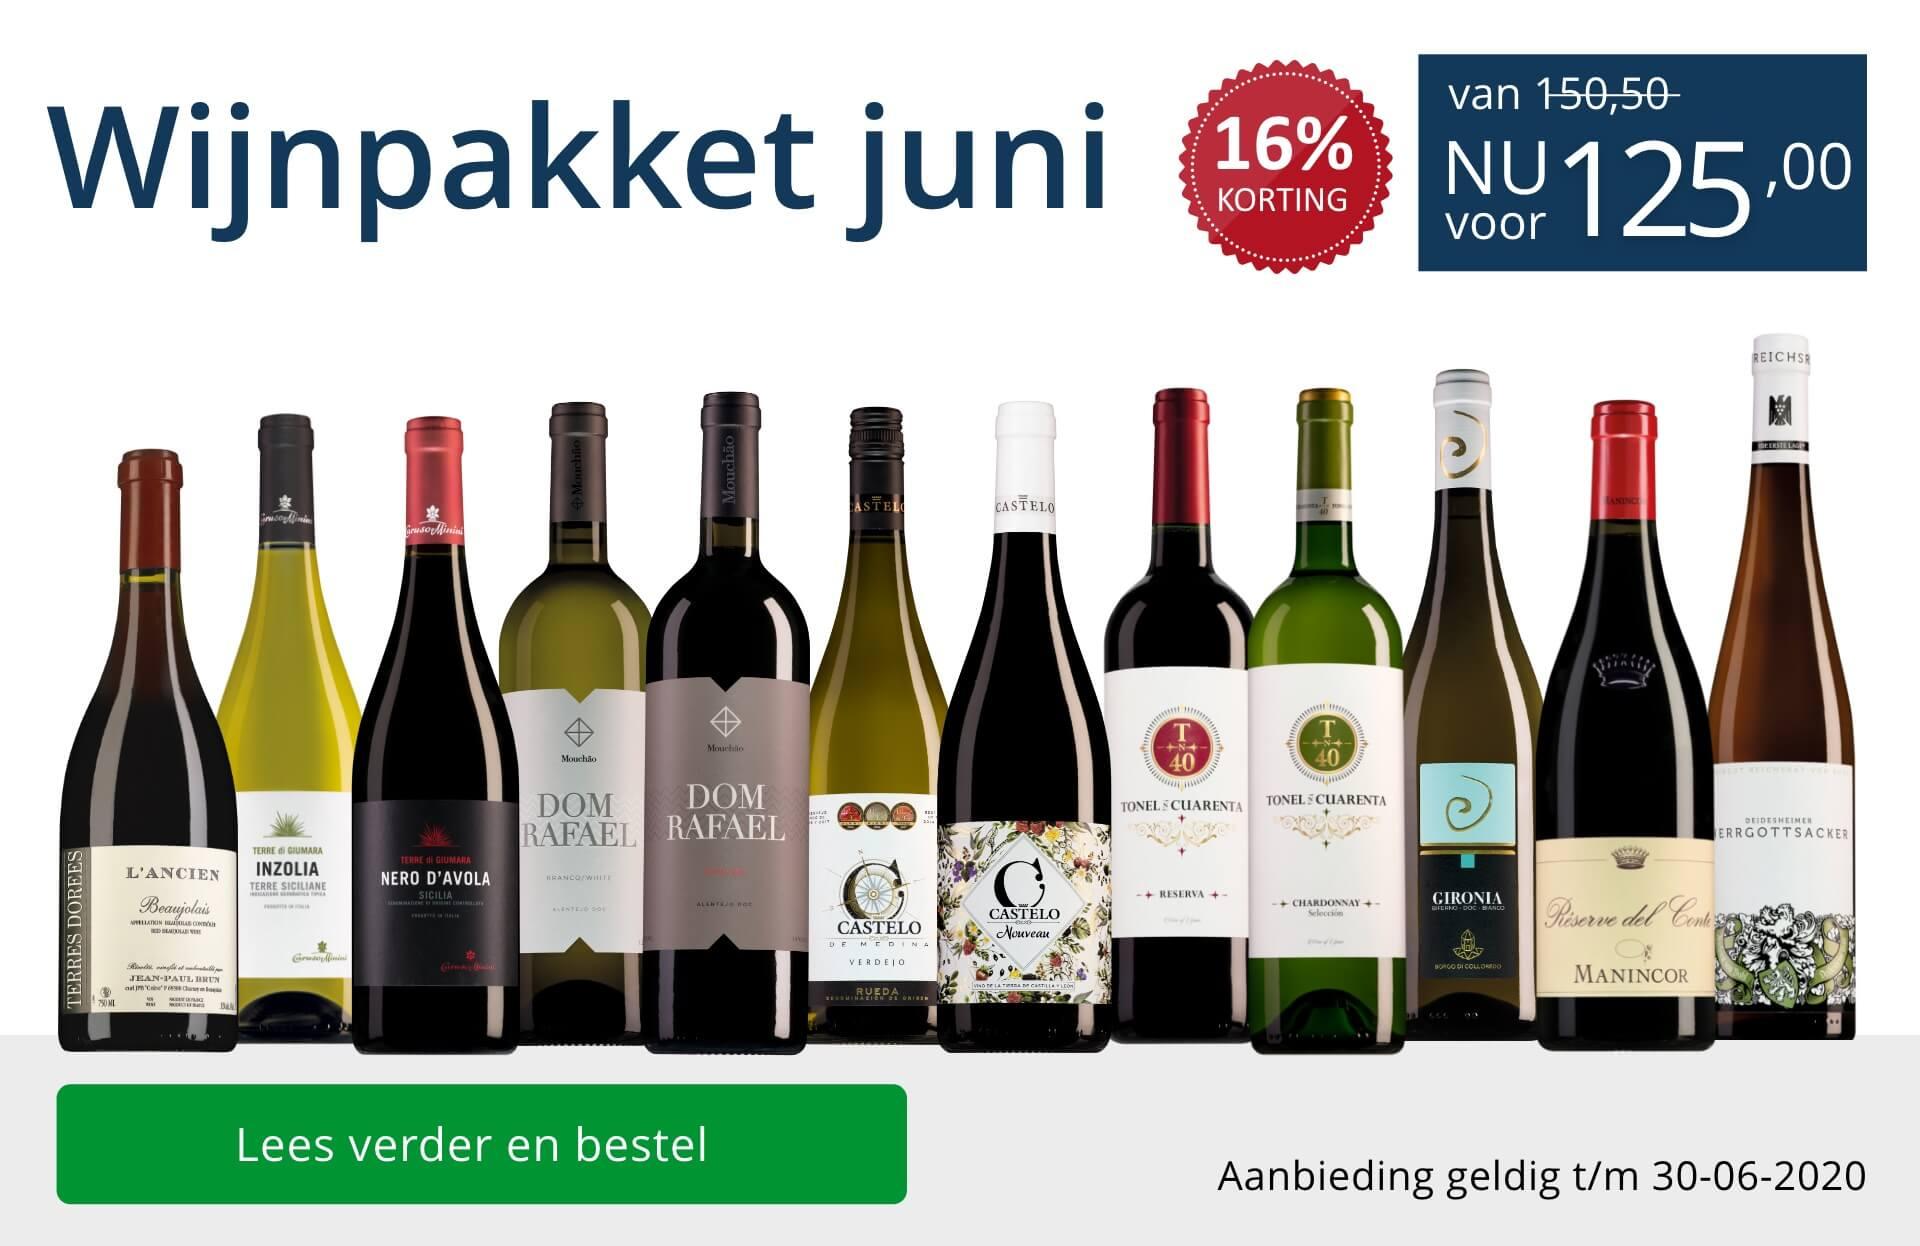 Wijnpakket wijnbericht juni 2020 (125,00) - blauw